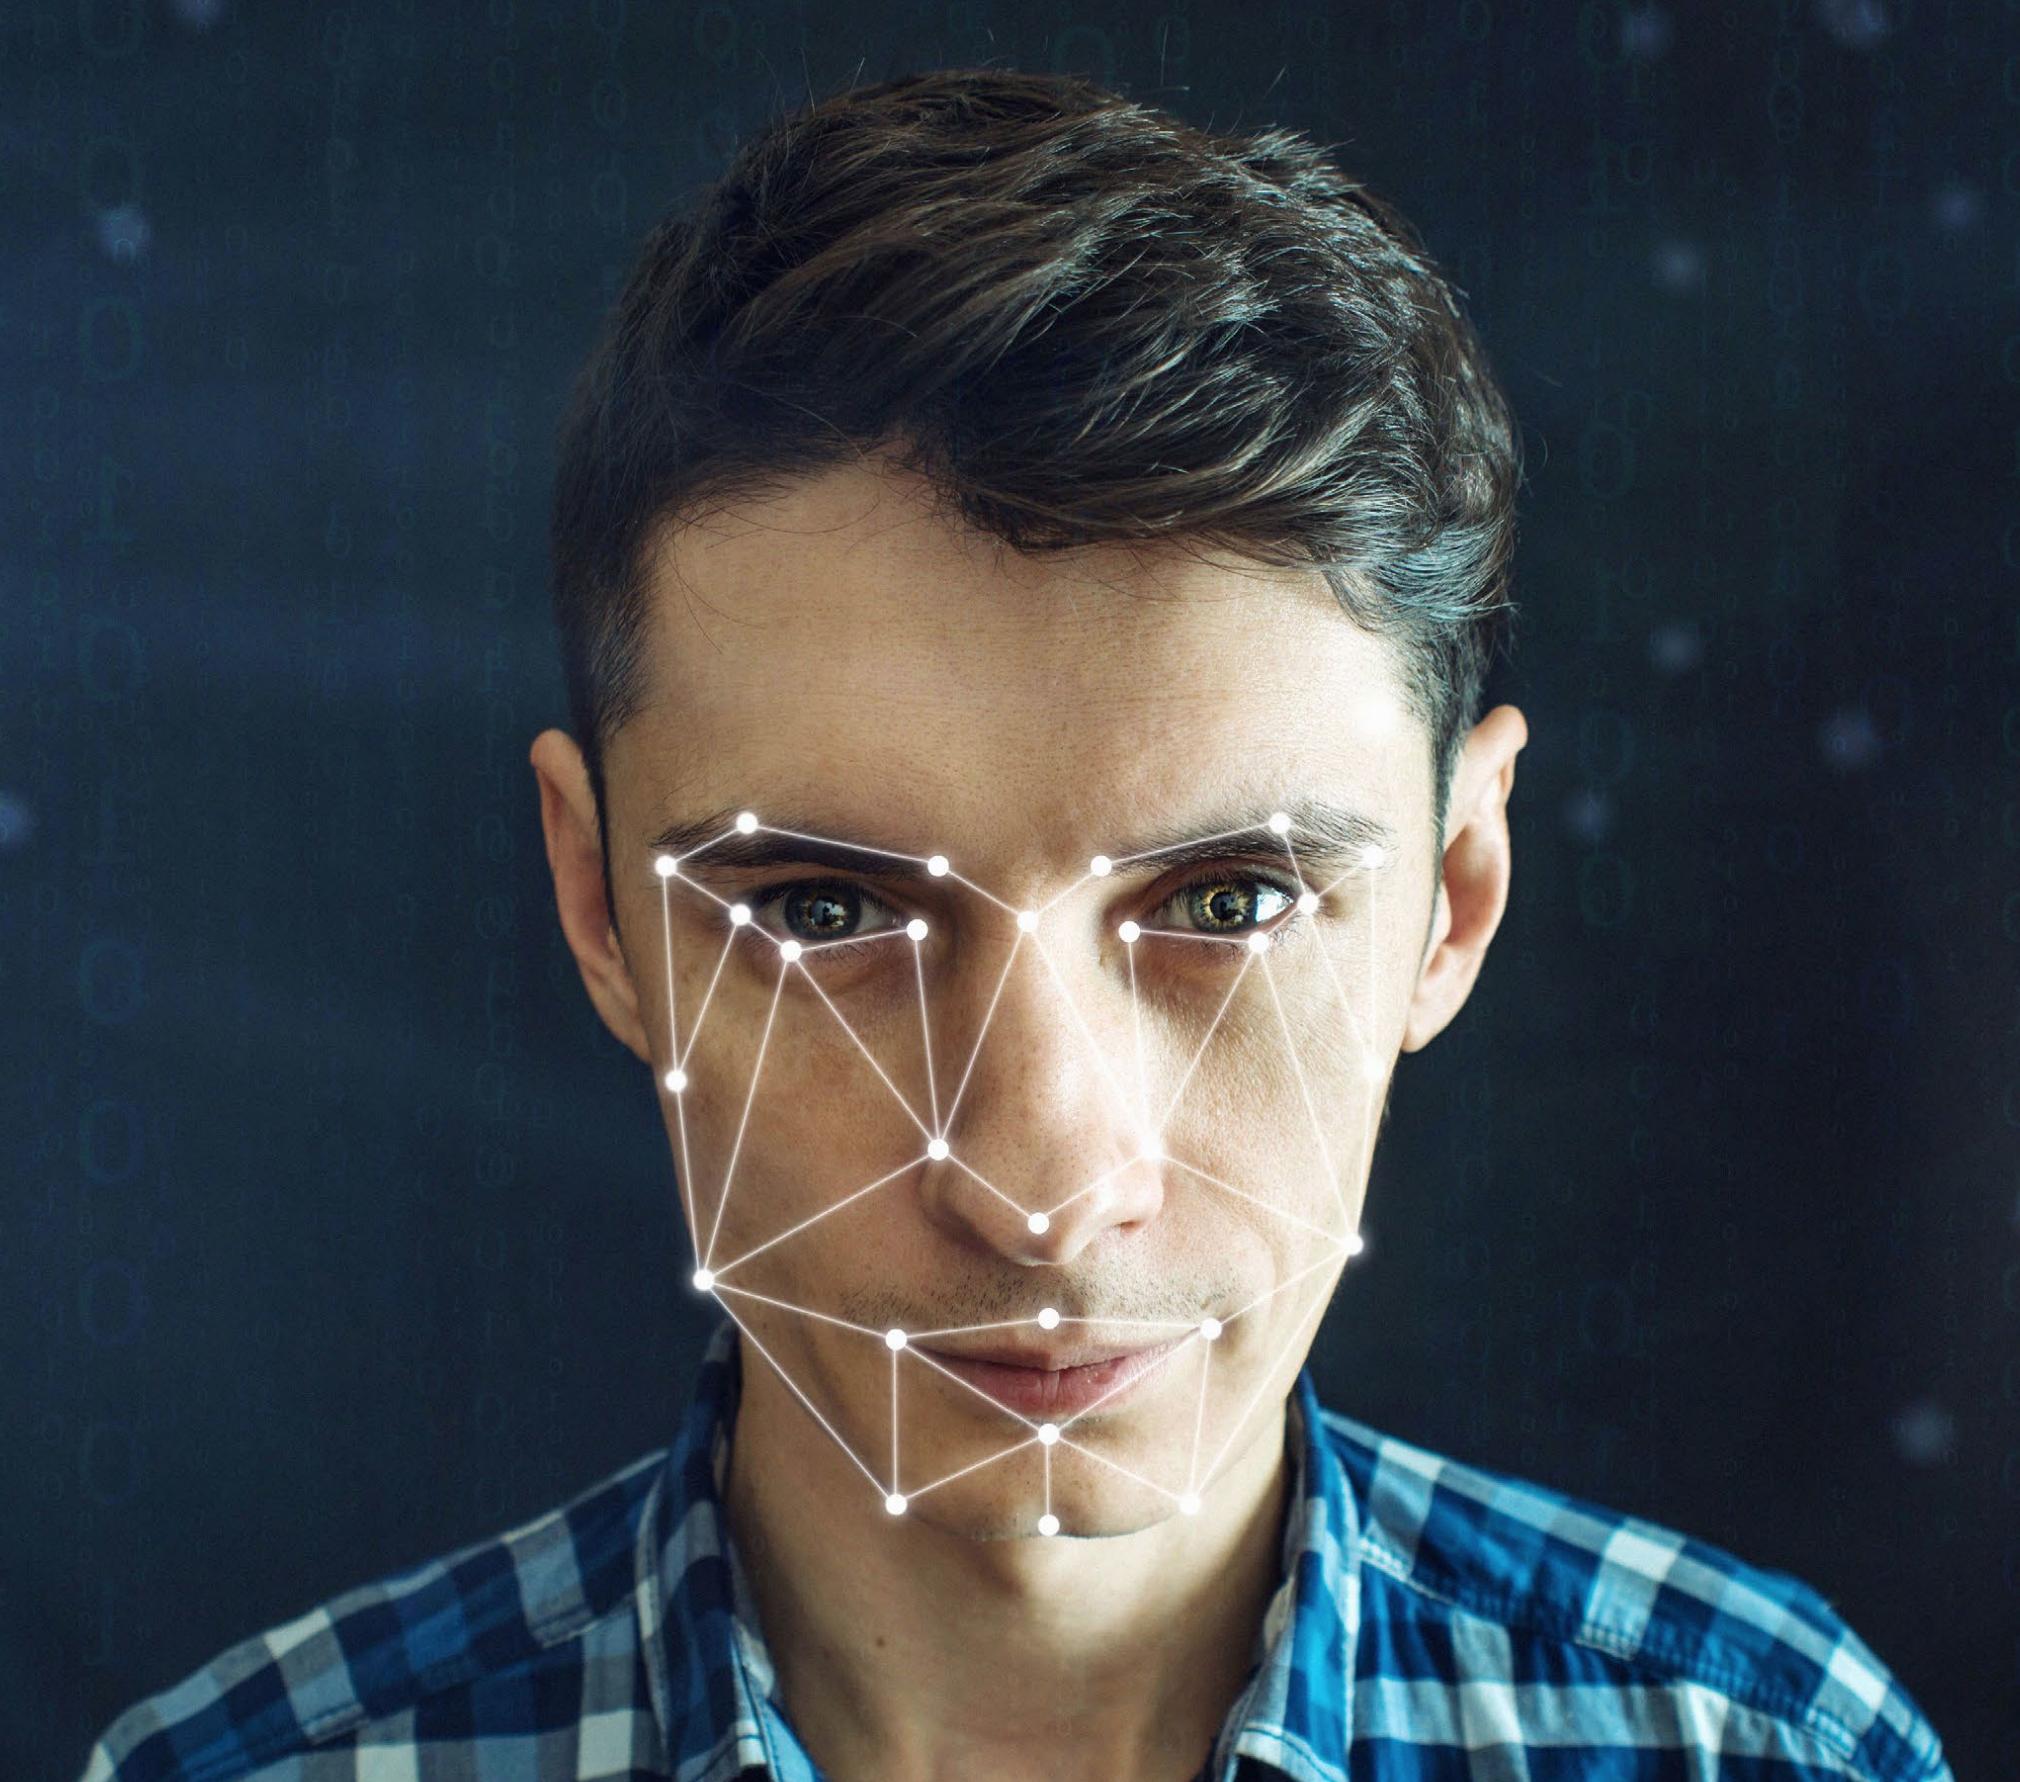 Чем грозят уязвимости систем контроля доступа с идентификацией по лицу